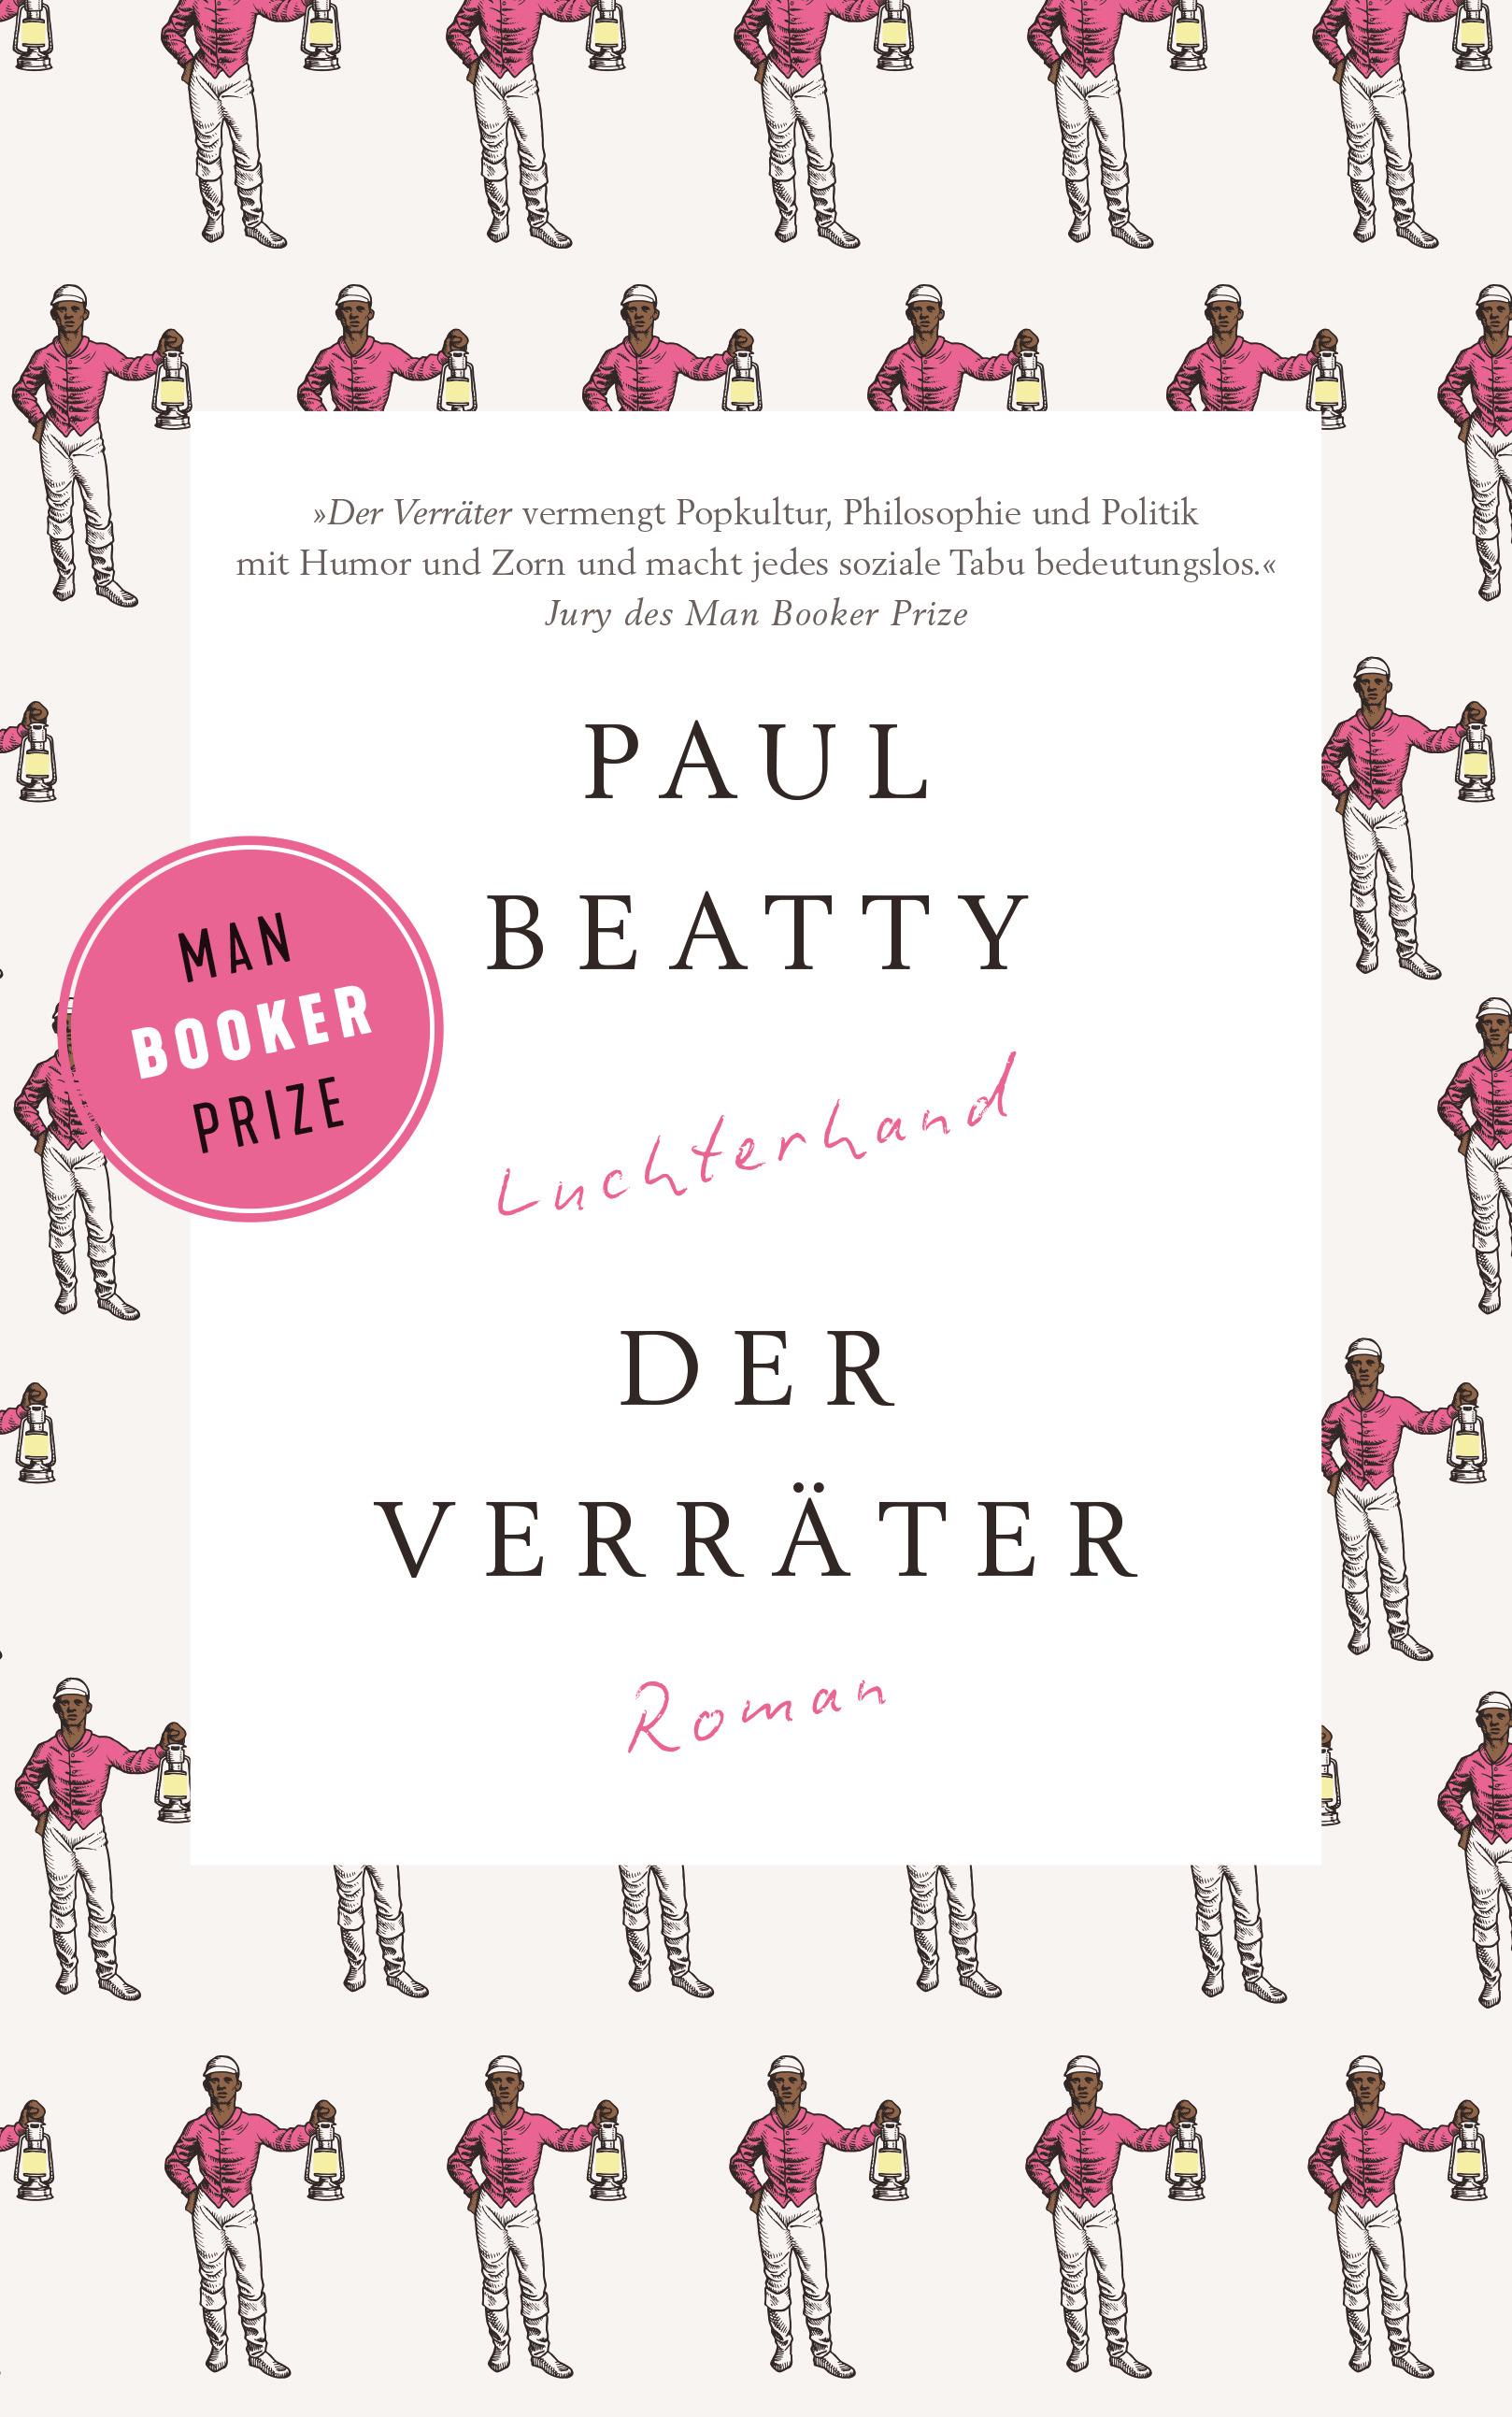 Der Verraeter von Paul Beatty